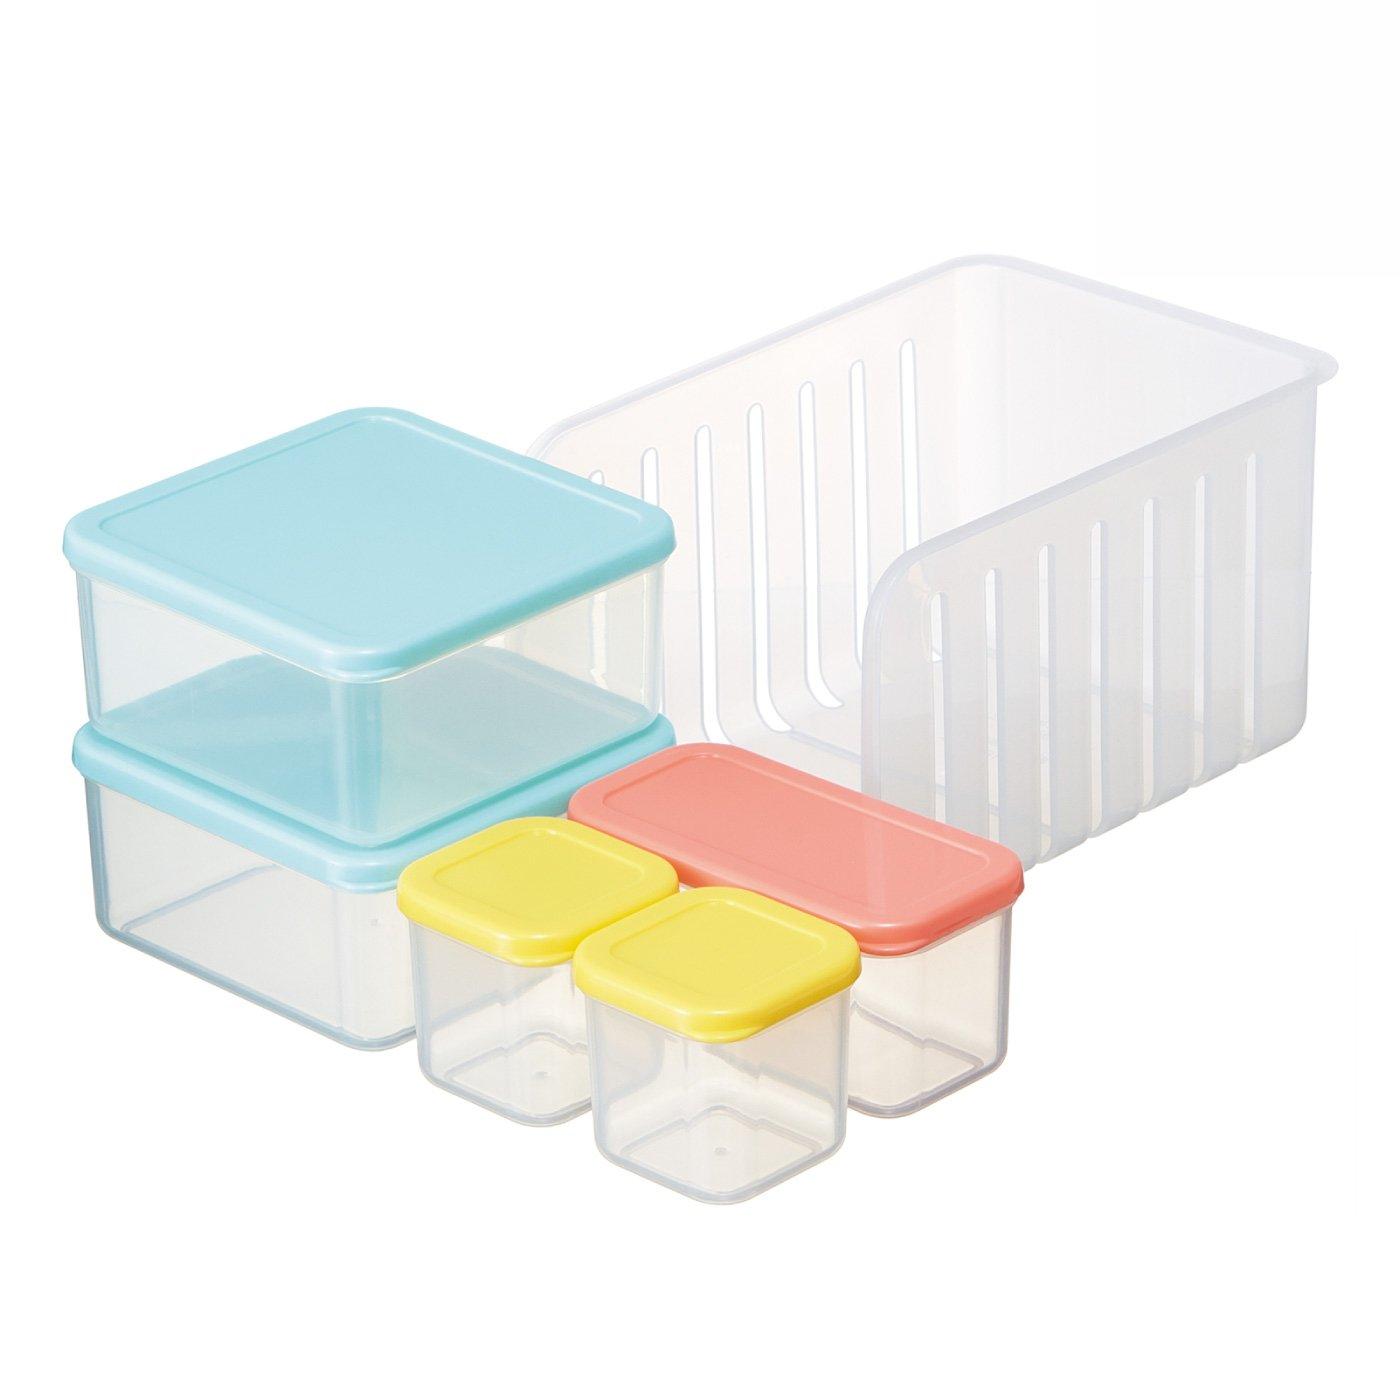 作りおきのおかずの保存に便利な冷凍冷蔵保存5点セット ノルディコット